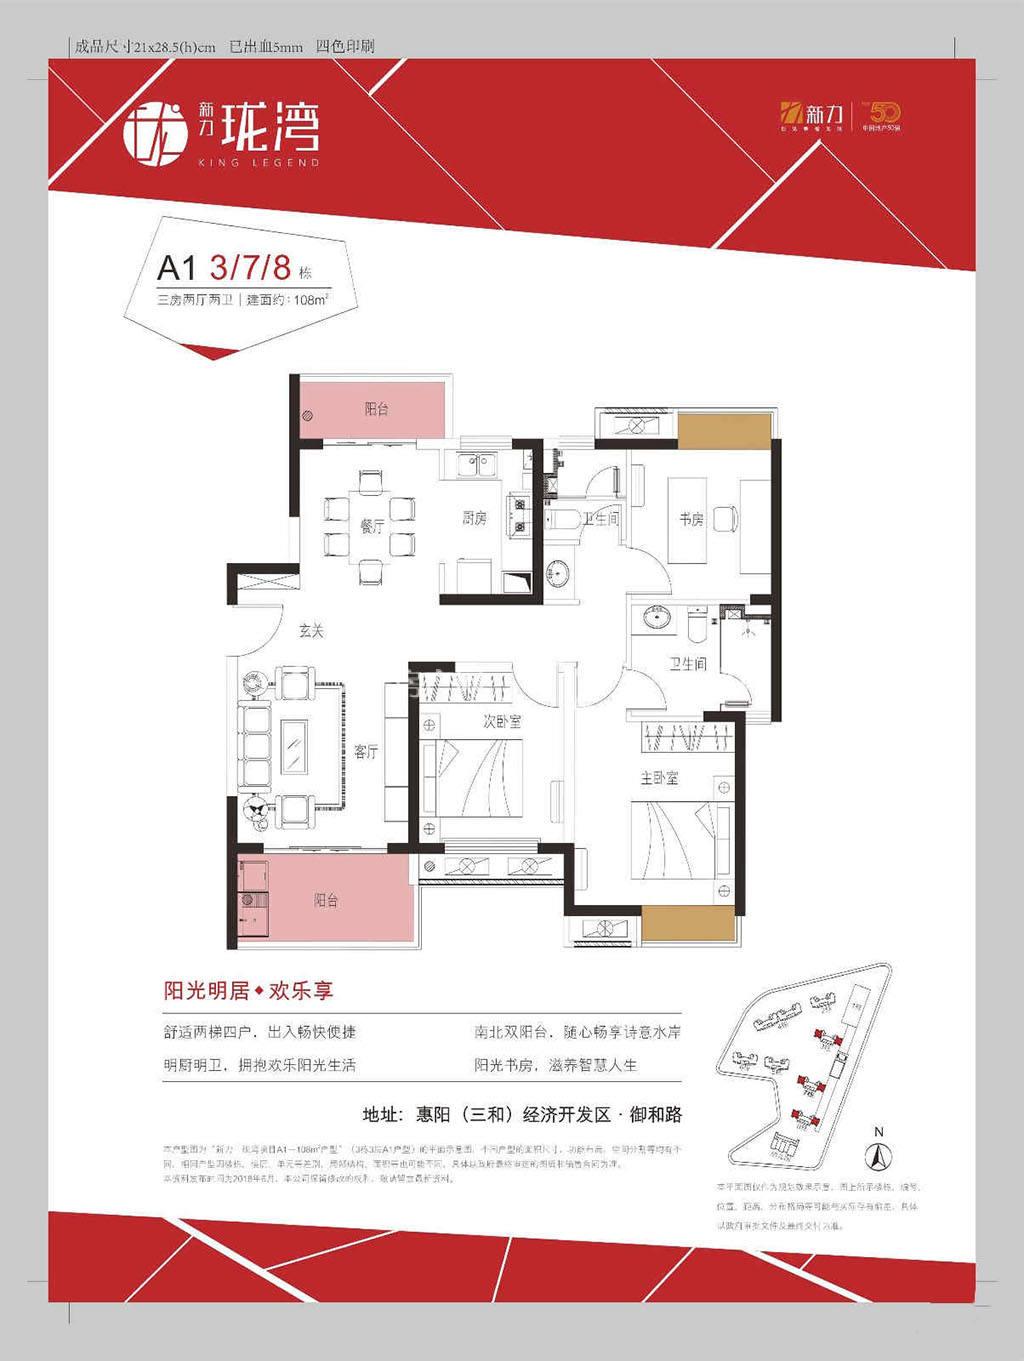 新力珑湾A1户型3室2厅2卫1厨建筑面积108㎡.jpg